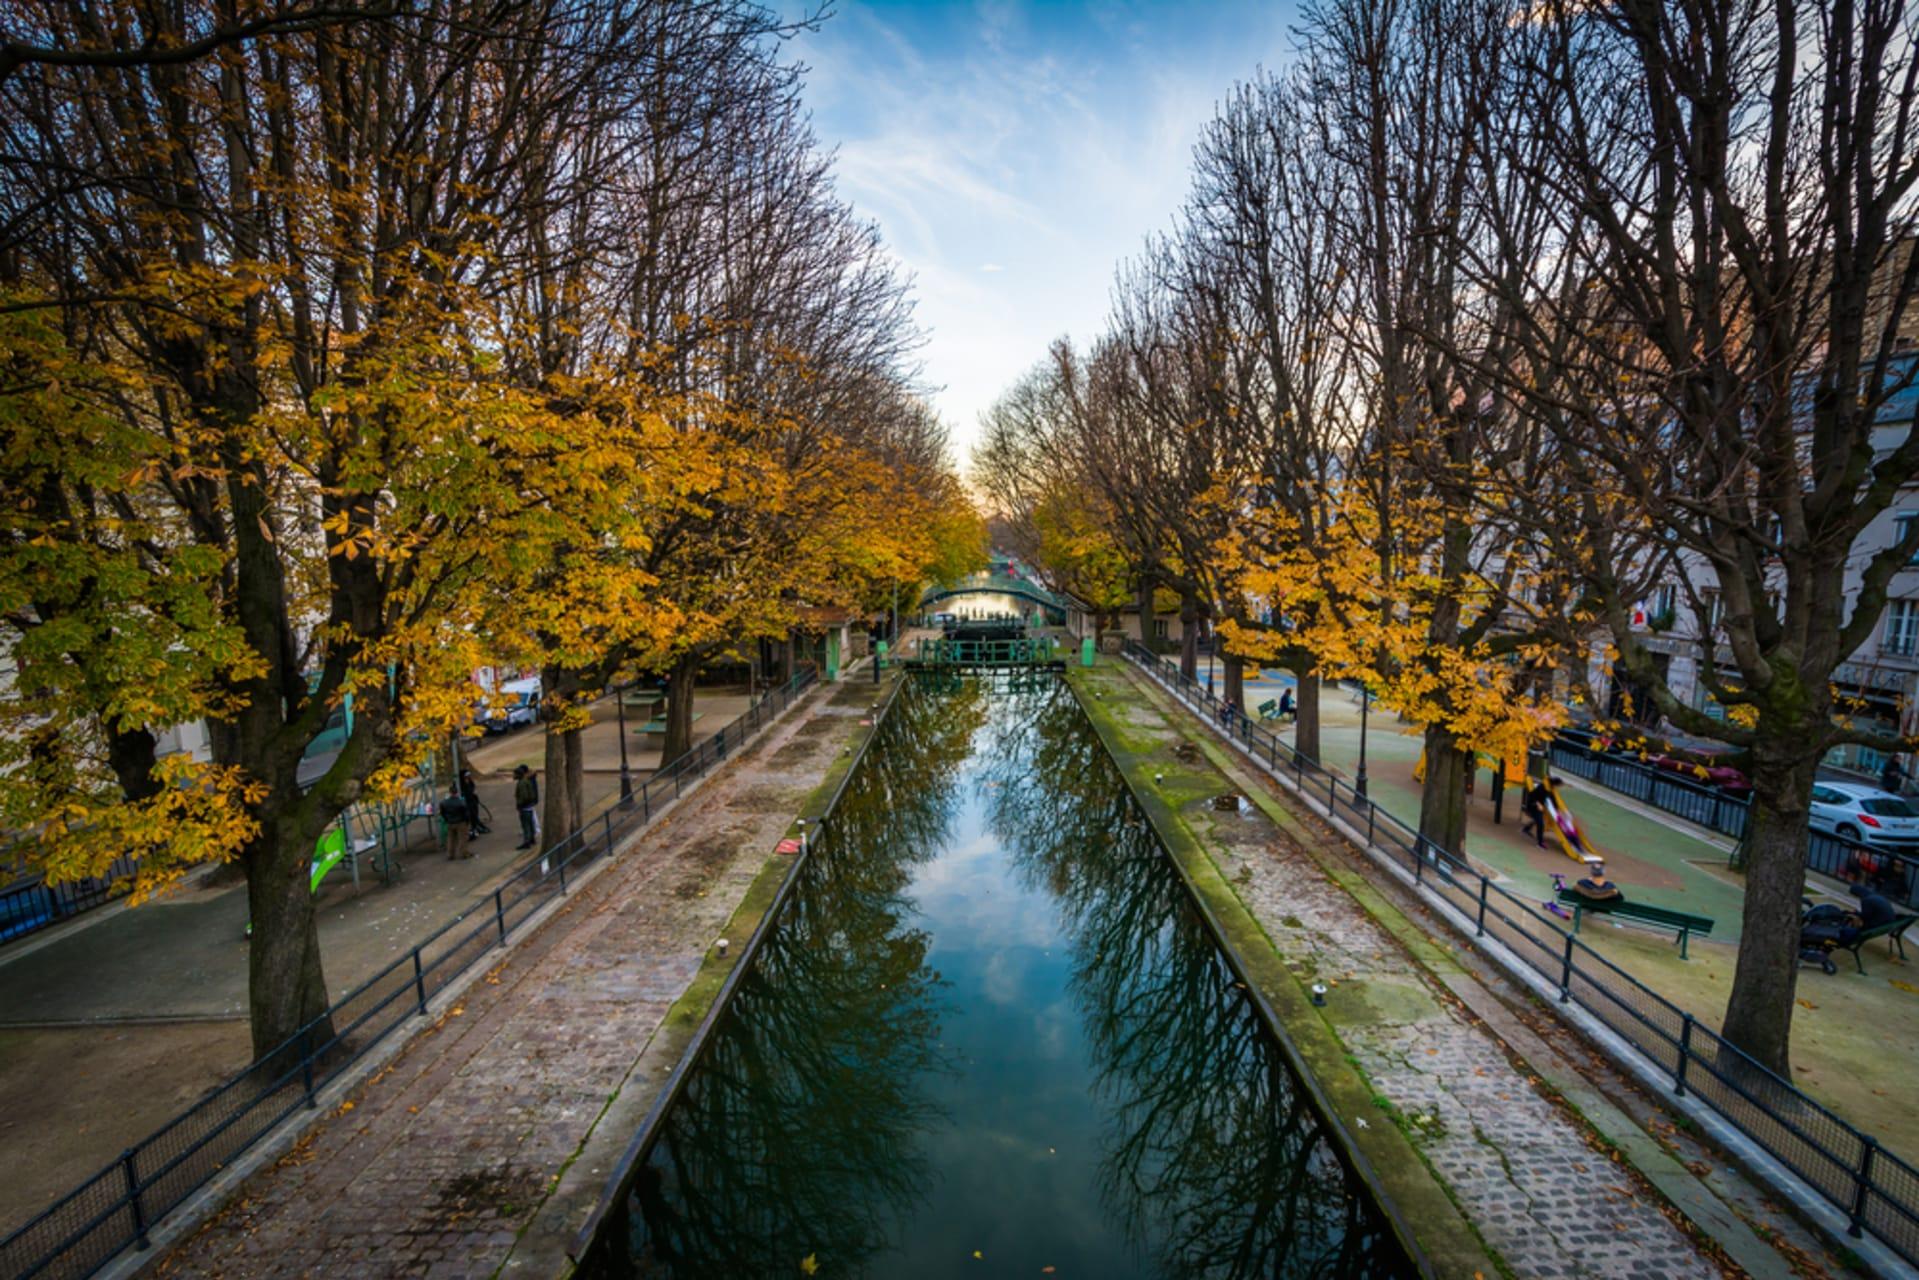 Paris - The Charm of the Canal St Martin and Place de la République